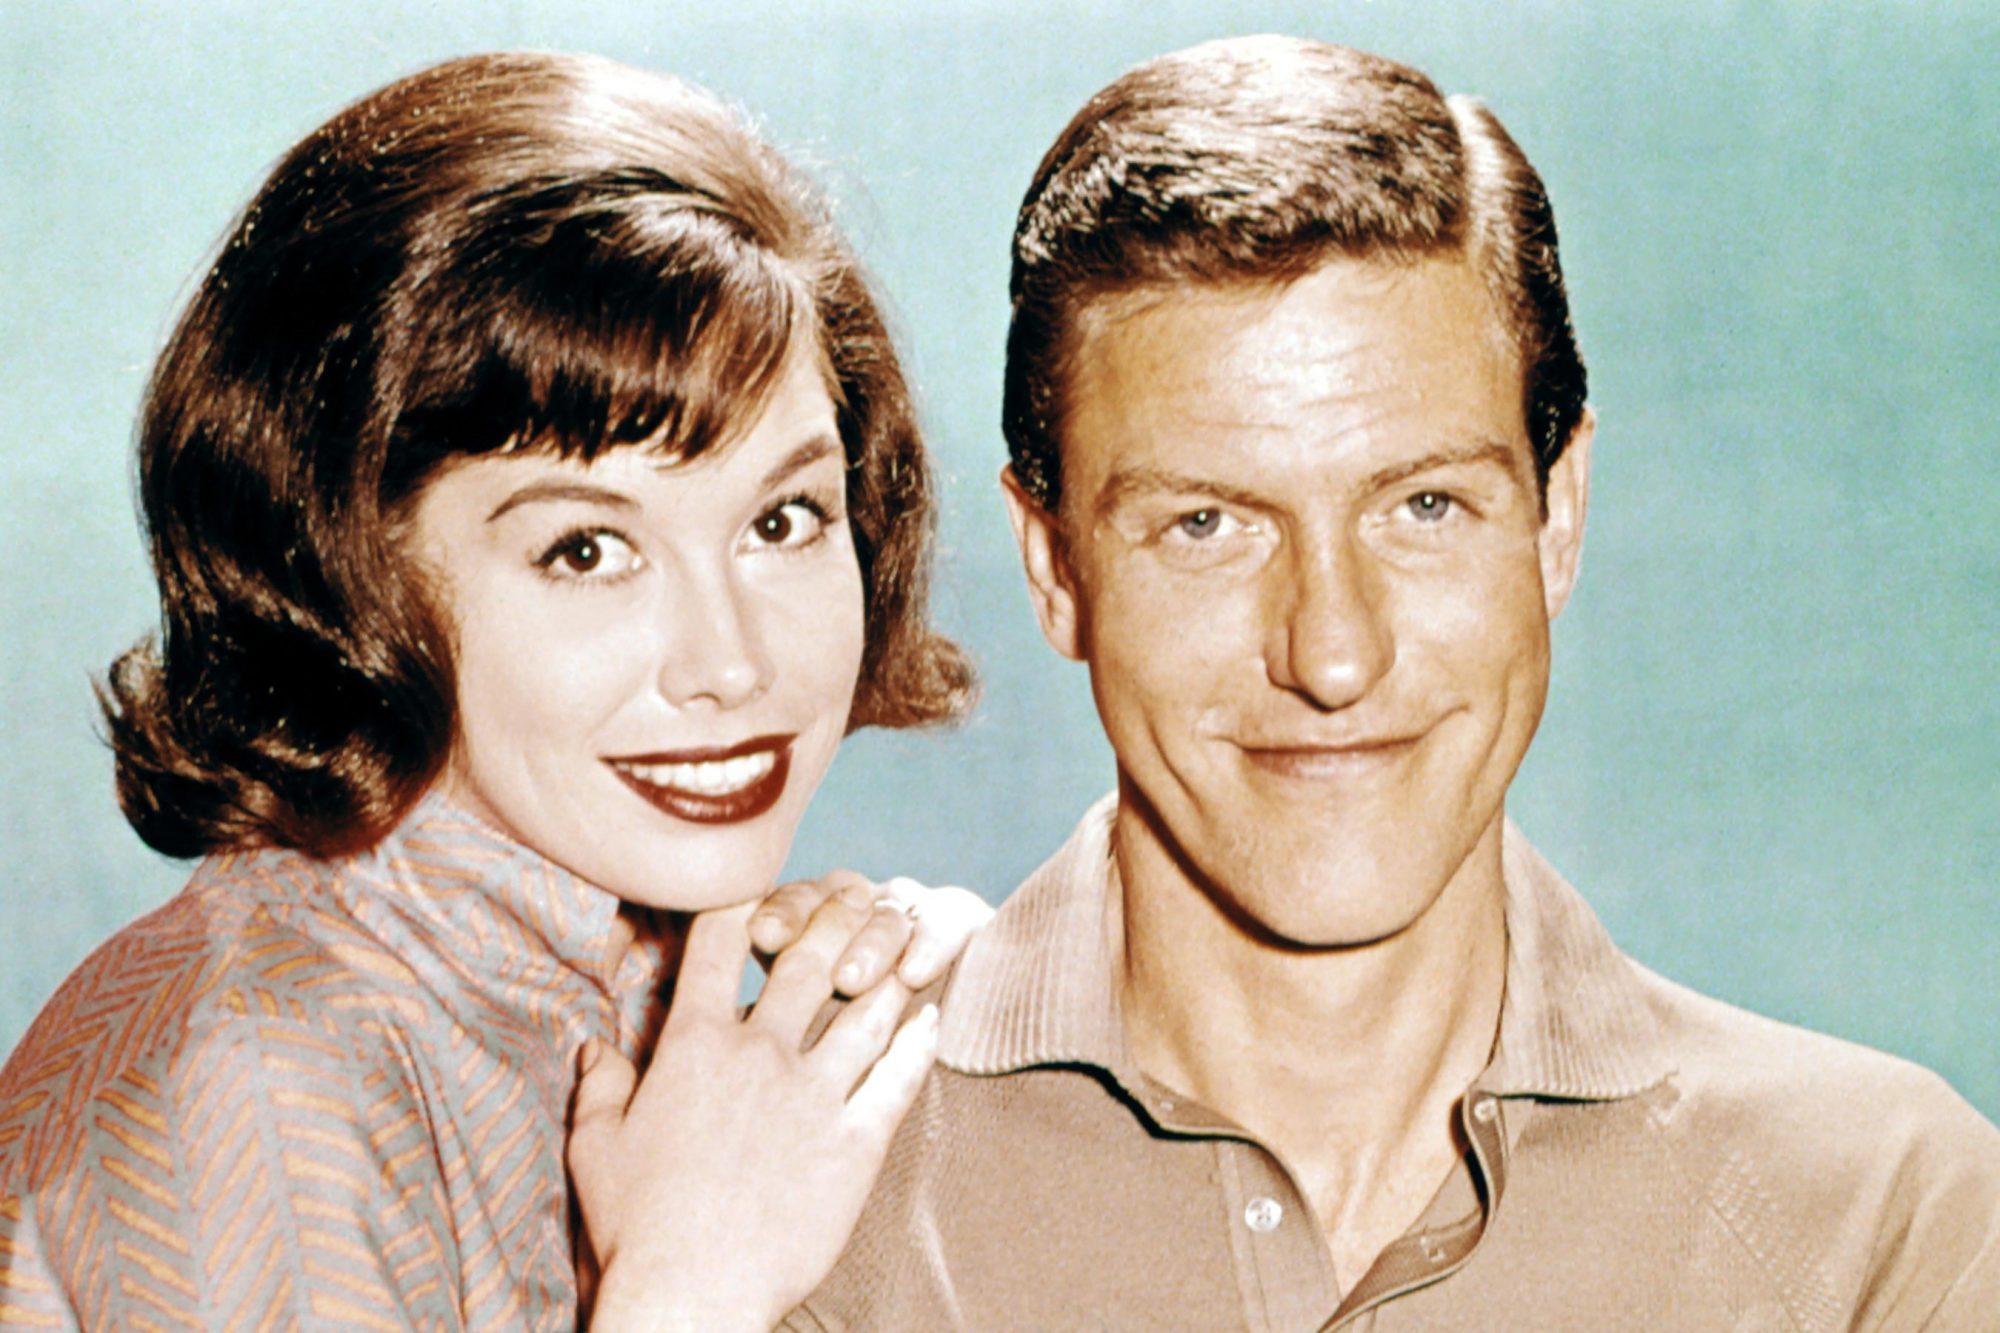 THE DICK VAN DYKE SHOW, Mary Tyler Moore, Dick Van Dyke, 1961-66